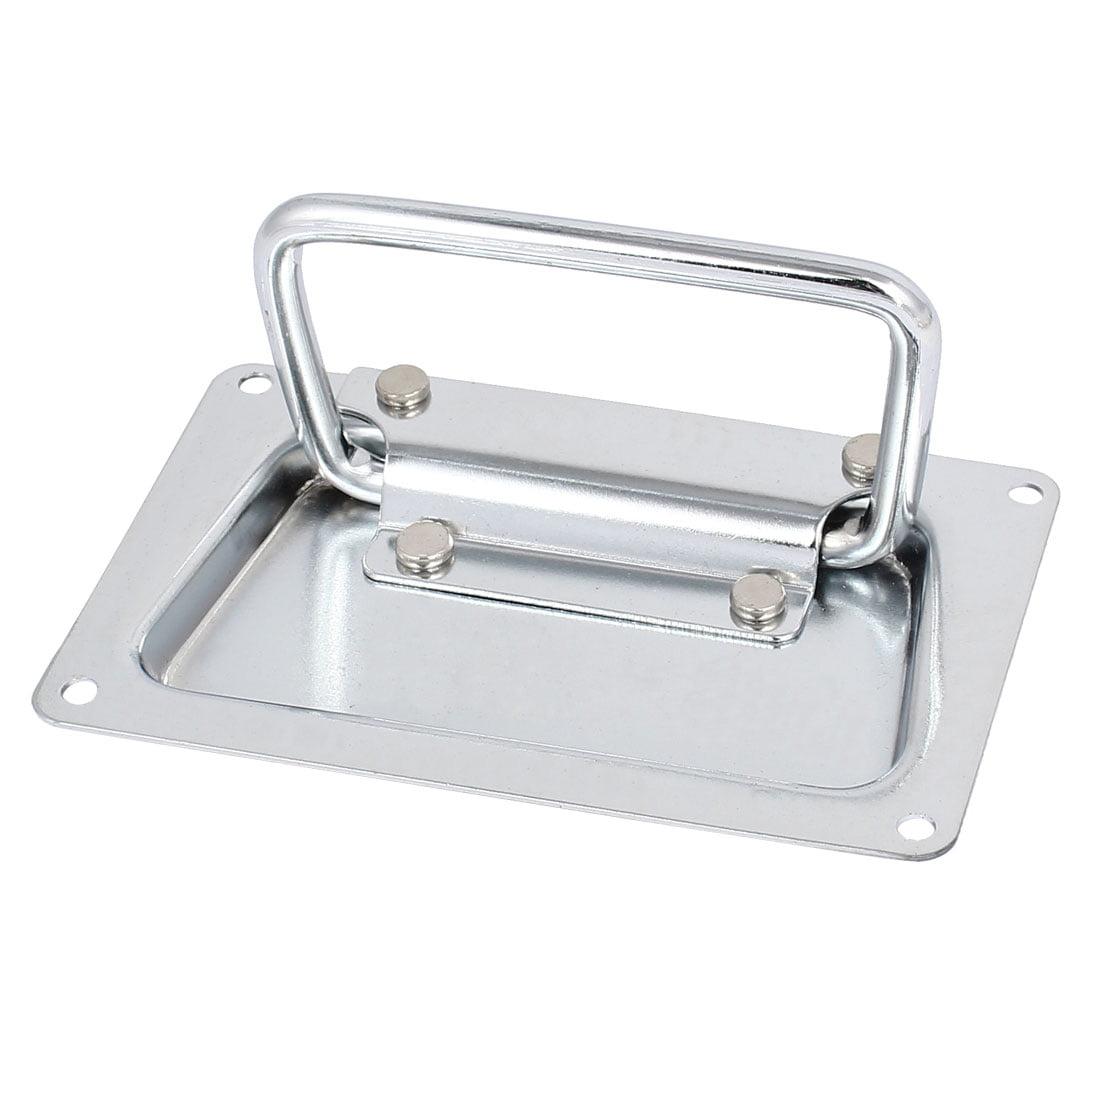 Boîte à outils en aluminium Boîtier en métal rectangulaire poignée encastrée traction 110mmx70mm - image 1 de 1